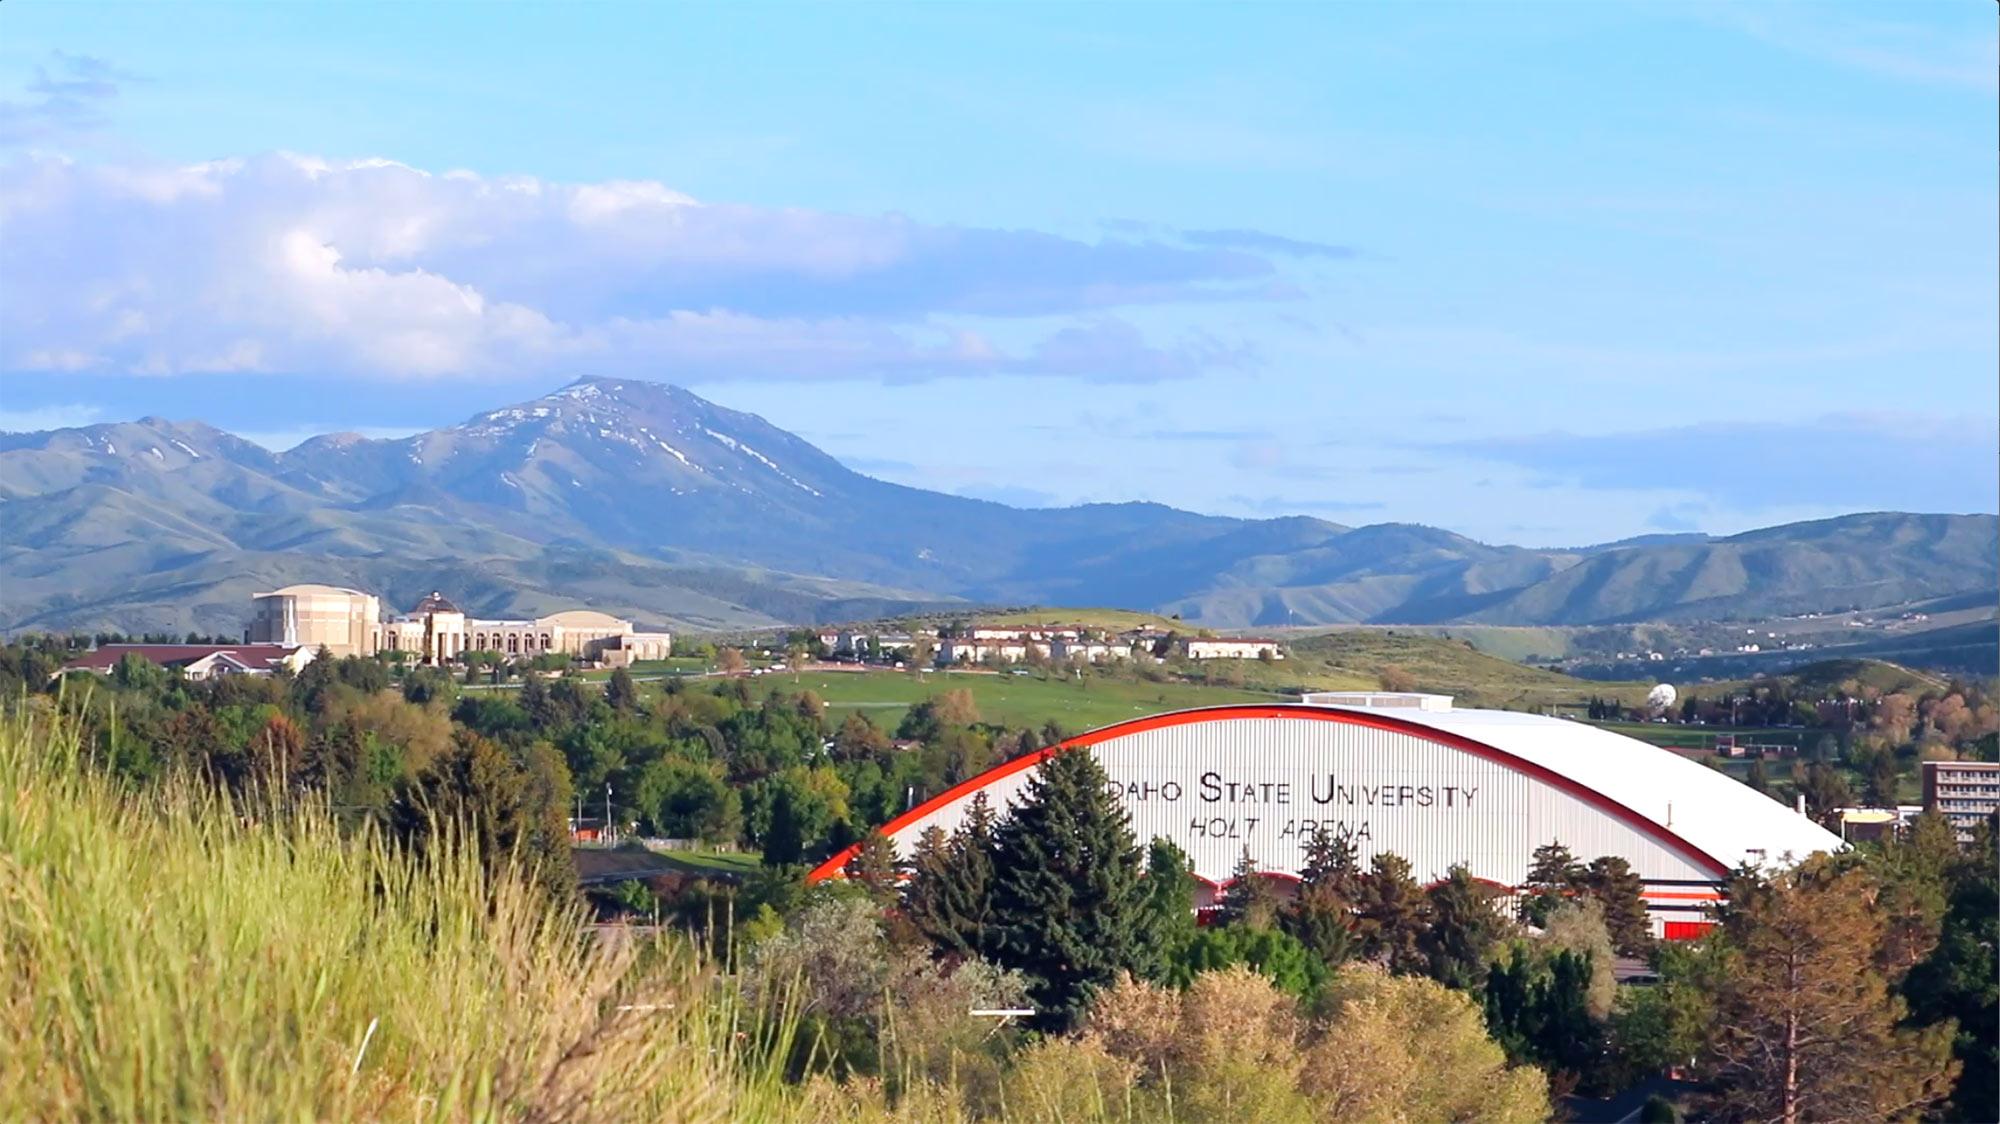 image: Pocatello SouthWest view